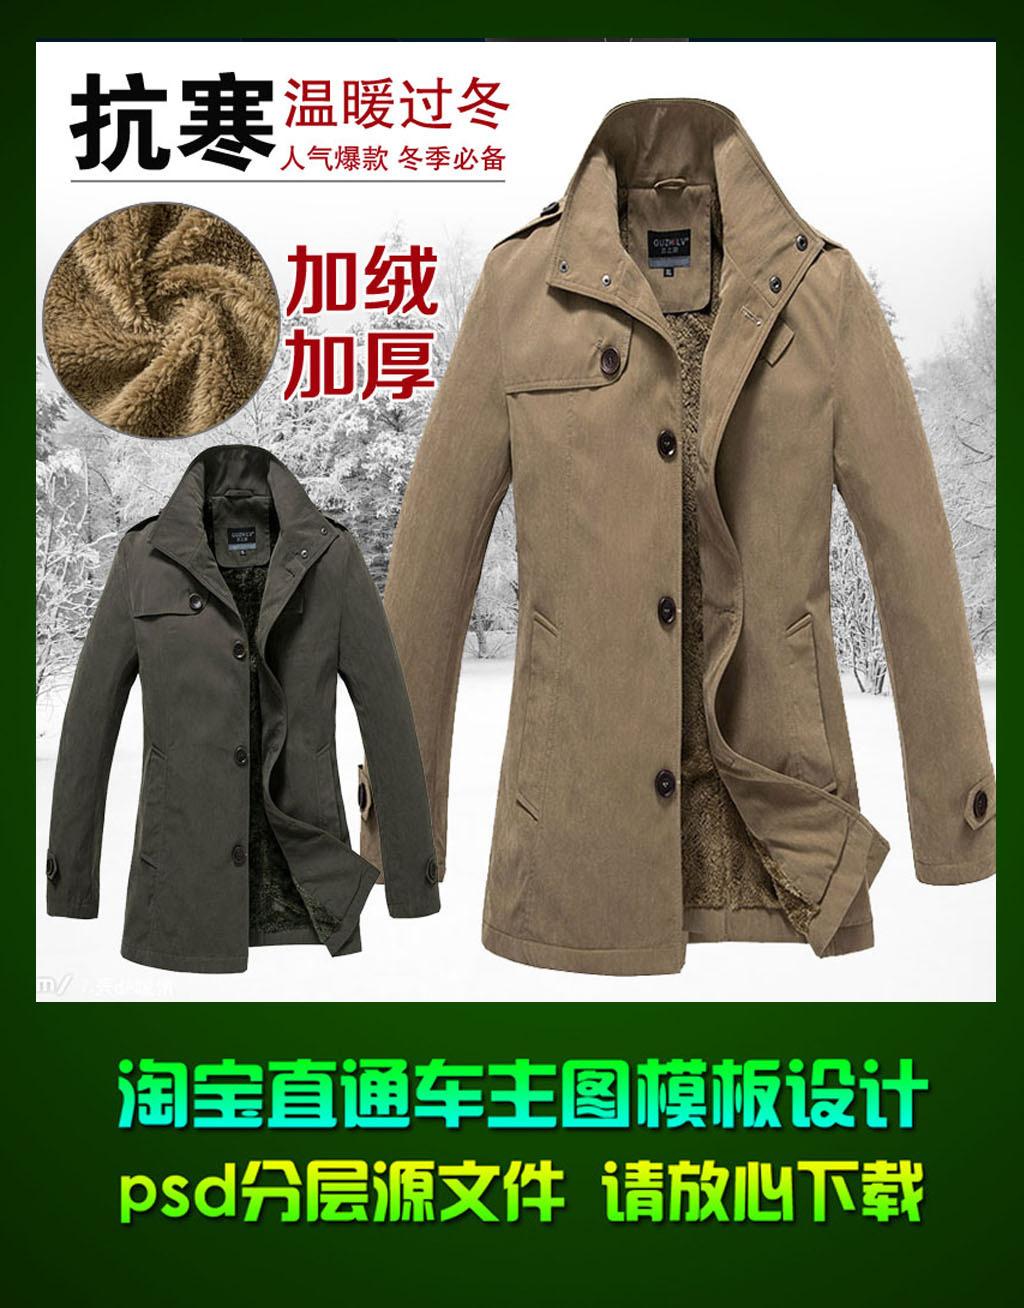 冬季淘宝服装直通车主图模板